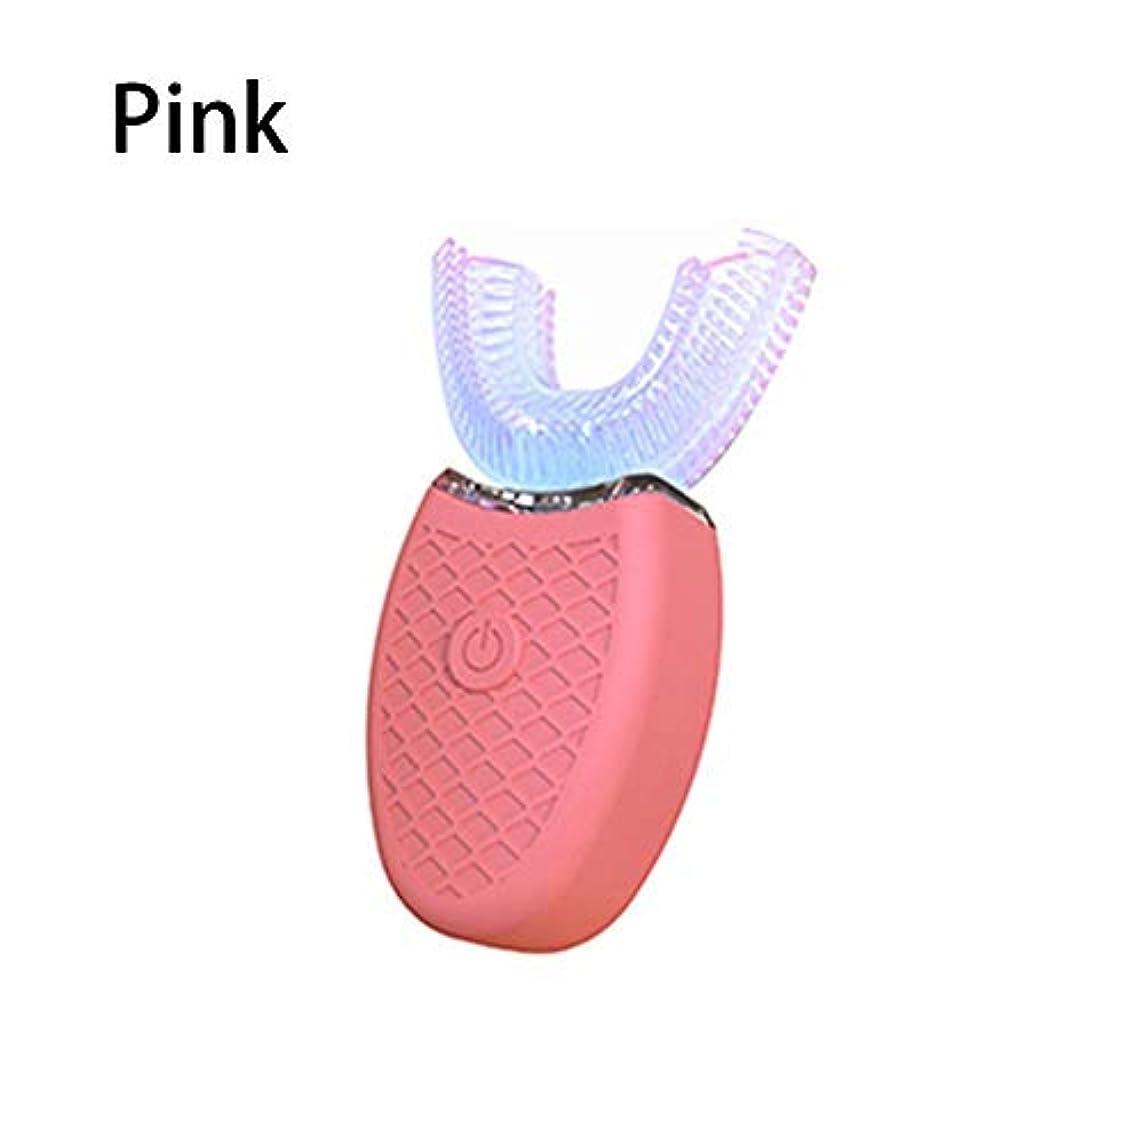 溶融復活させるソロU型電動歯ブラシ超音波自動歯ブラシ 360°包囲清掃歯 怠け者歯ブラシ USB充電 IPX7防水 自動歯ブラシ